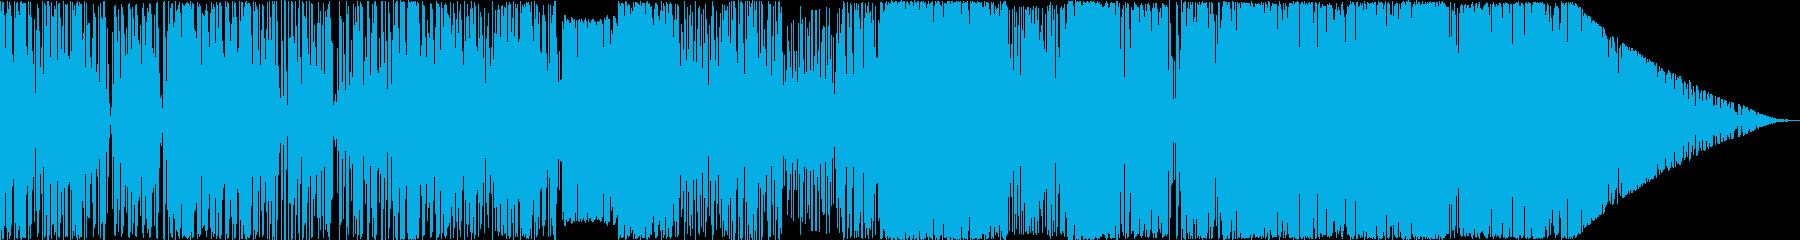 緊張感を煽るトランス風BGMの再生済みの波形